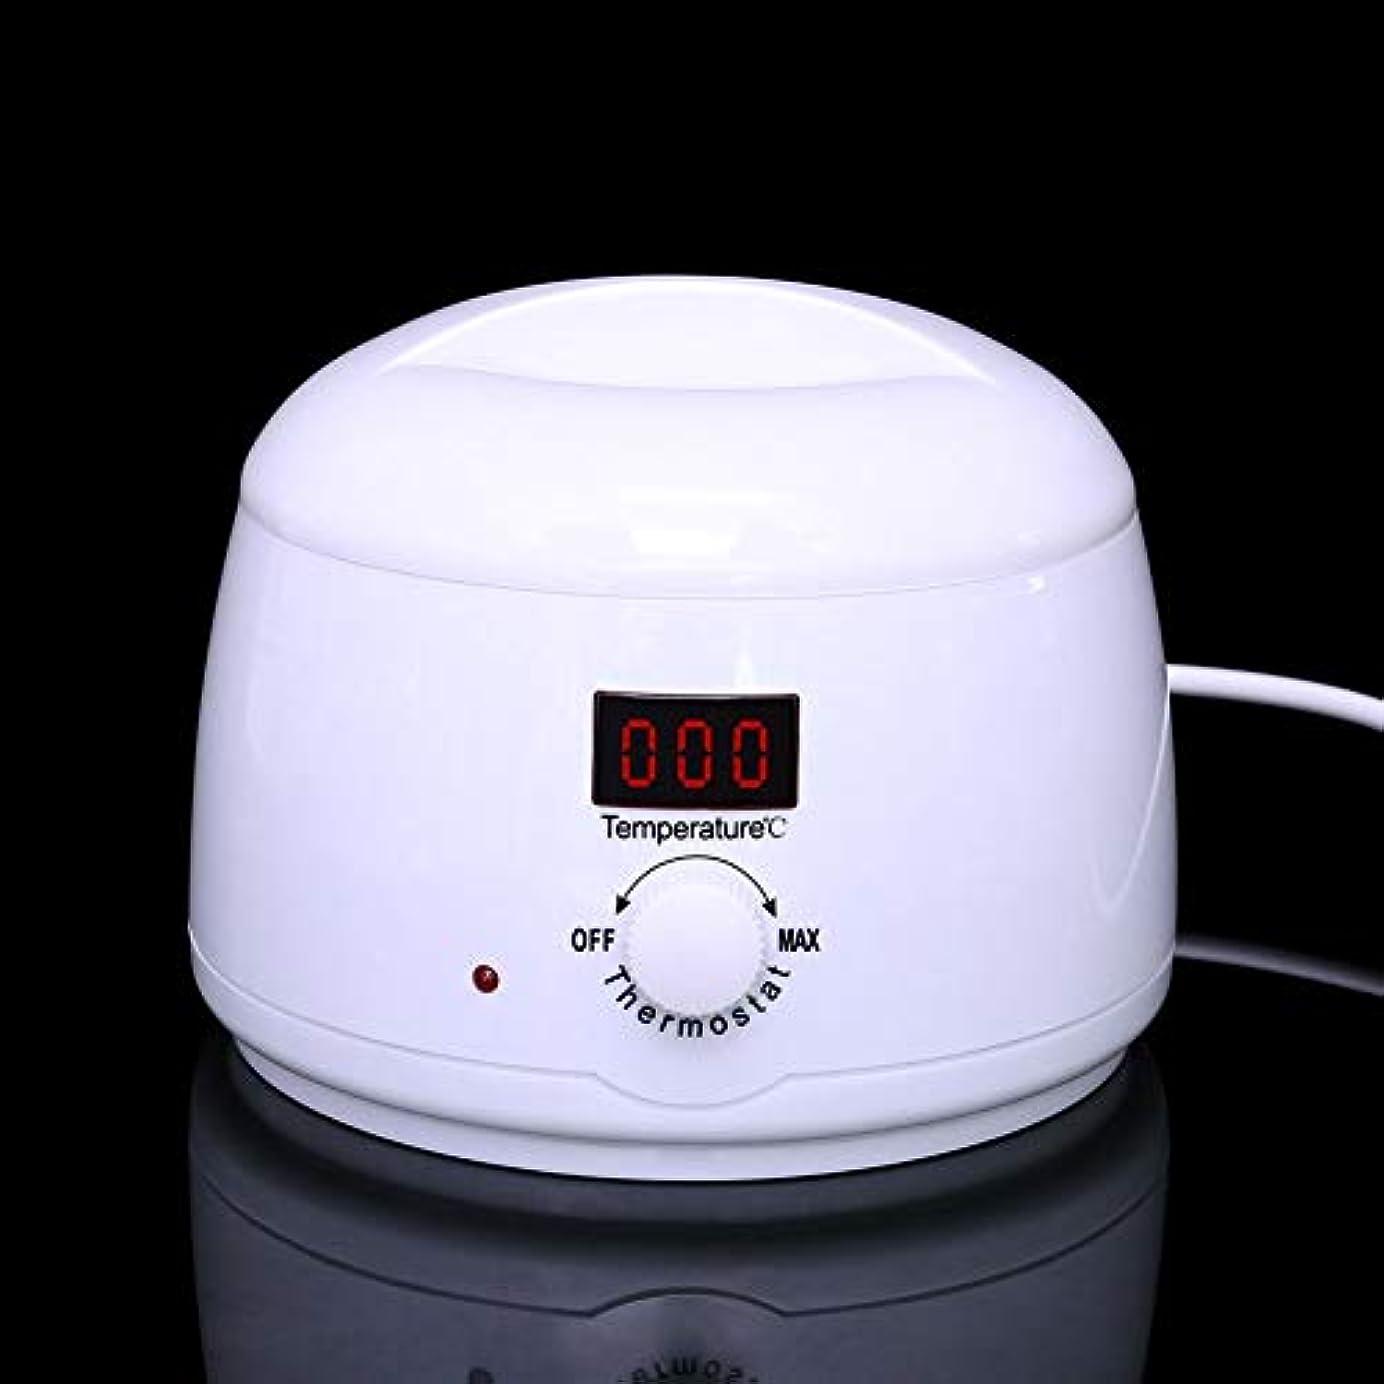 ほかに感情ミット調節可能な温度のワックスマシン、女性および男性500CCのための多機能の家のワックスが付いている毛の取り外しのための専門の電気ワックスのウォーマーのヒーターのメルター